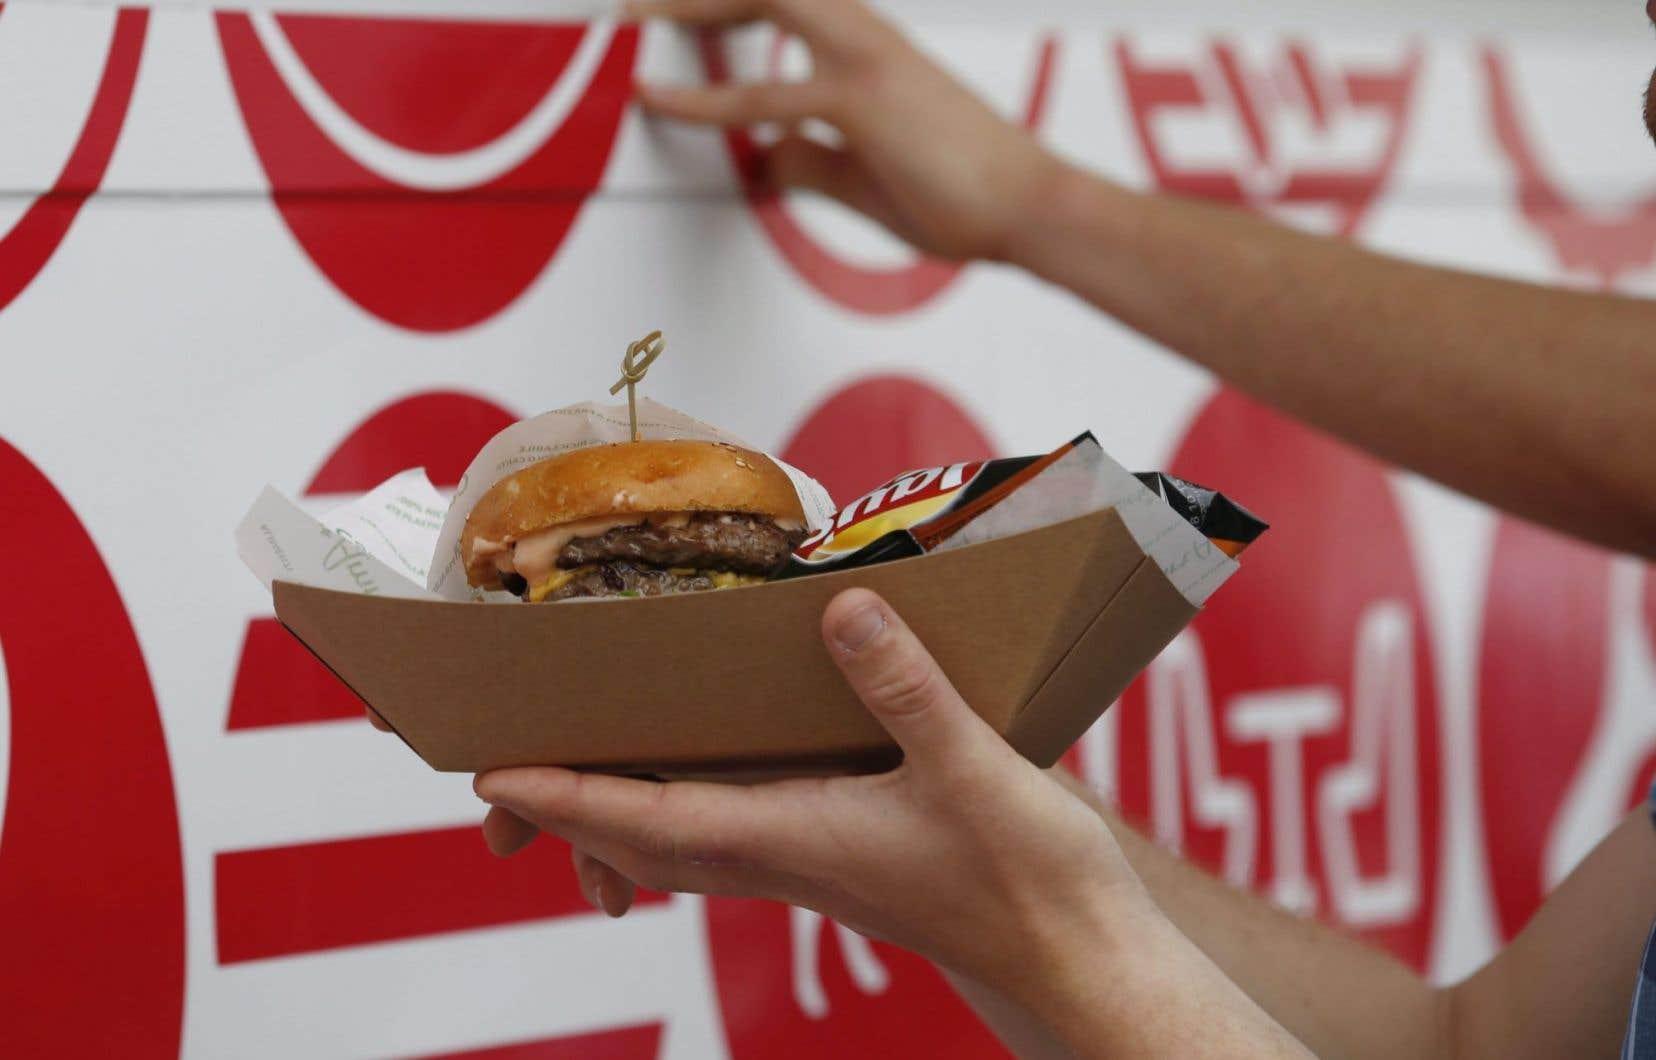 Le USDA relance dans un langage ambigu son attaque contre le gras, suggérant de limiter à 10% les calories provenant des gras saturés.